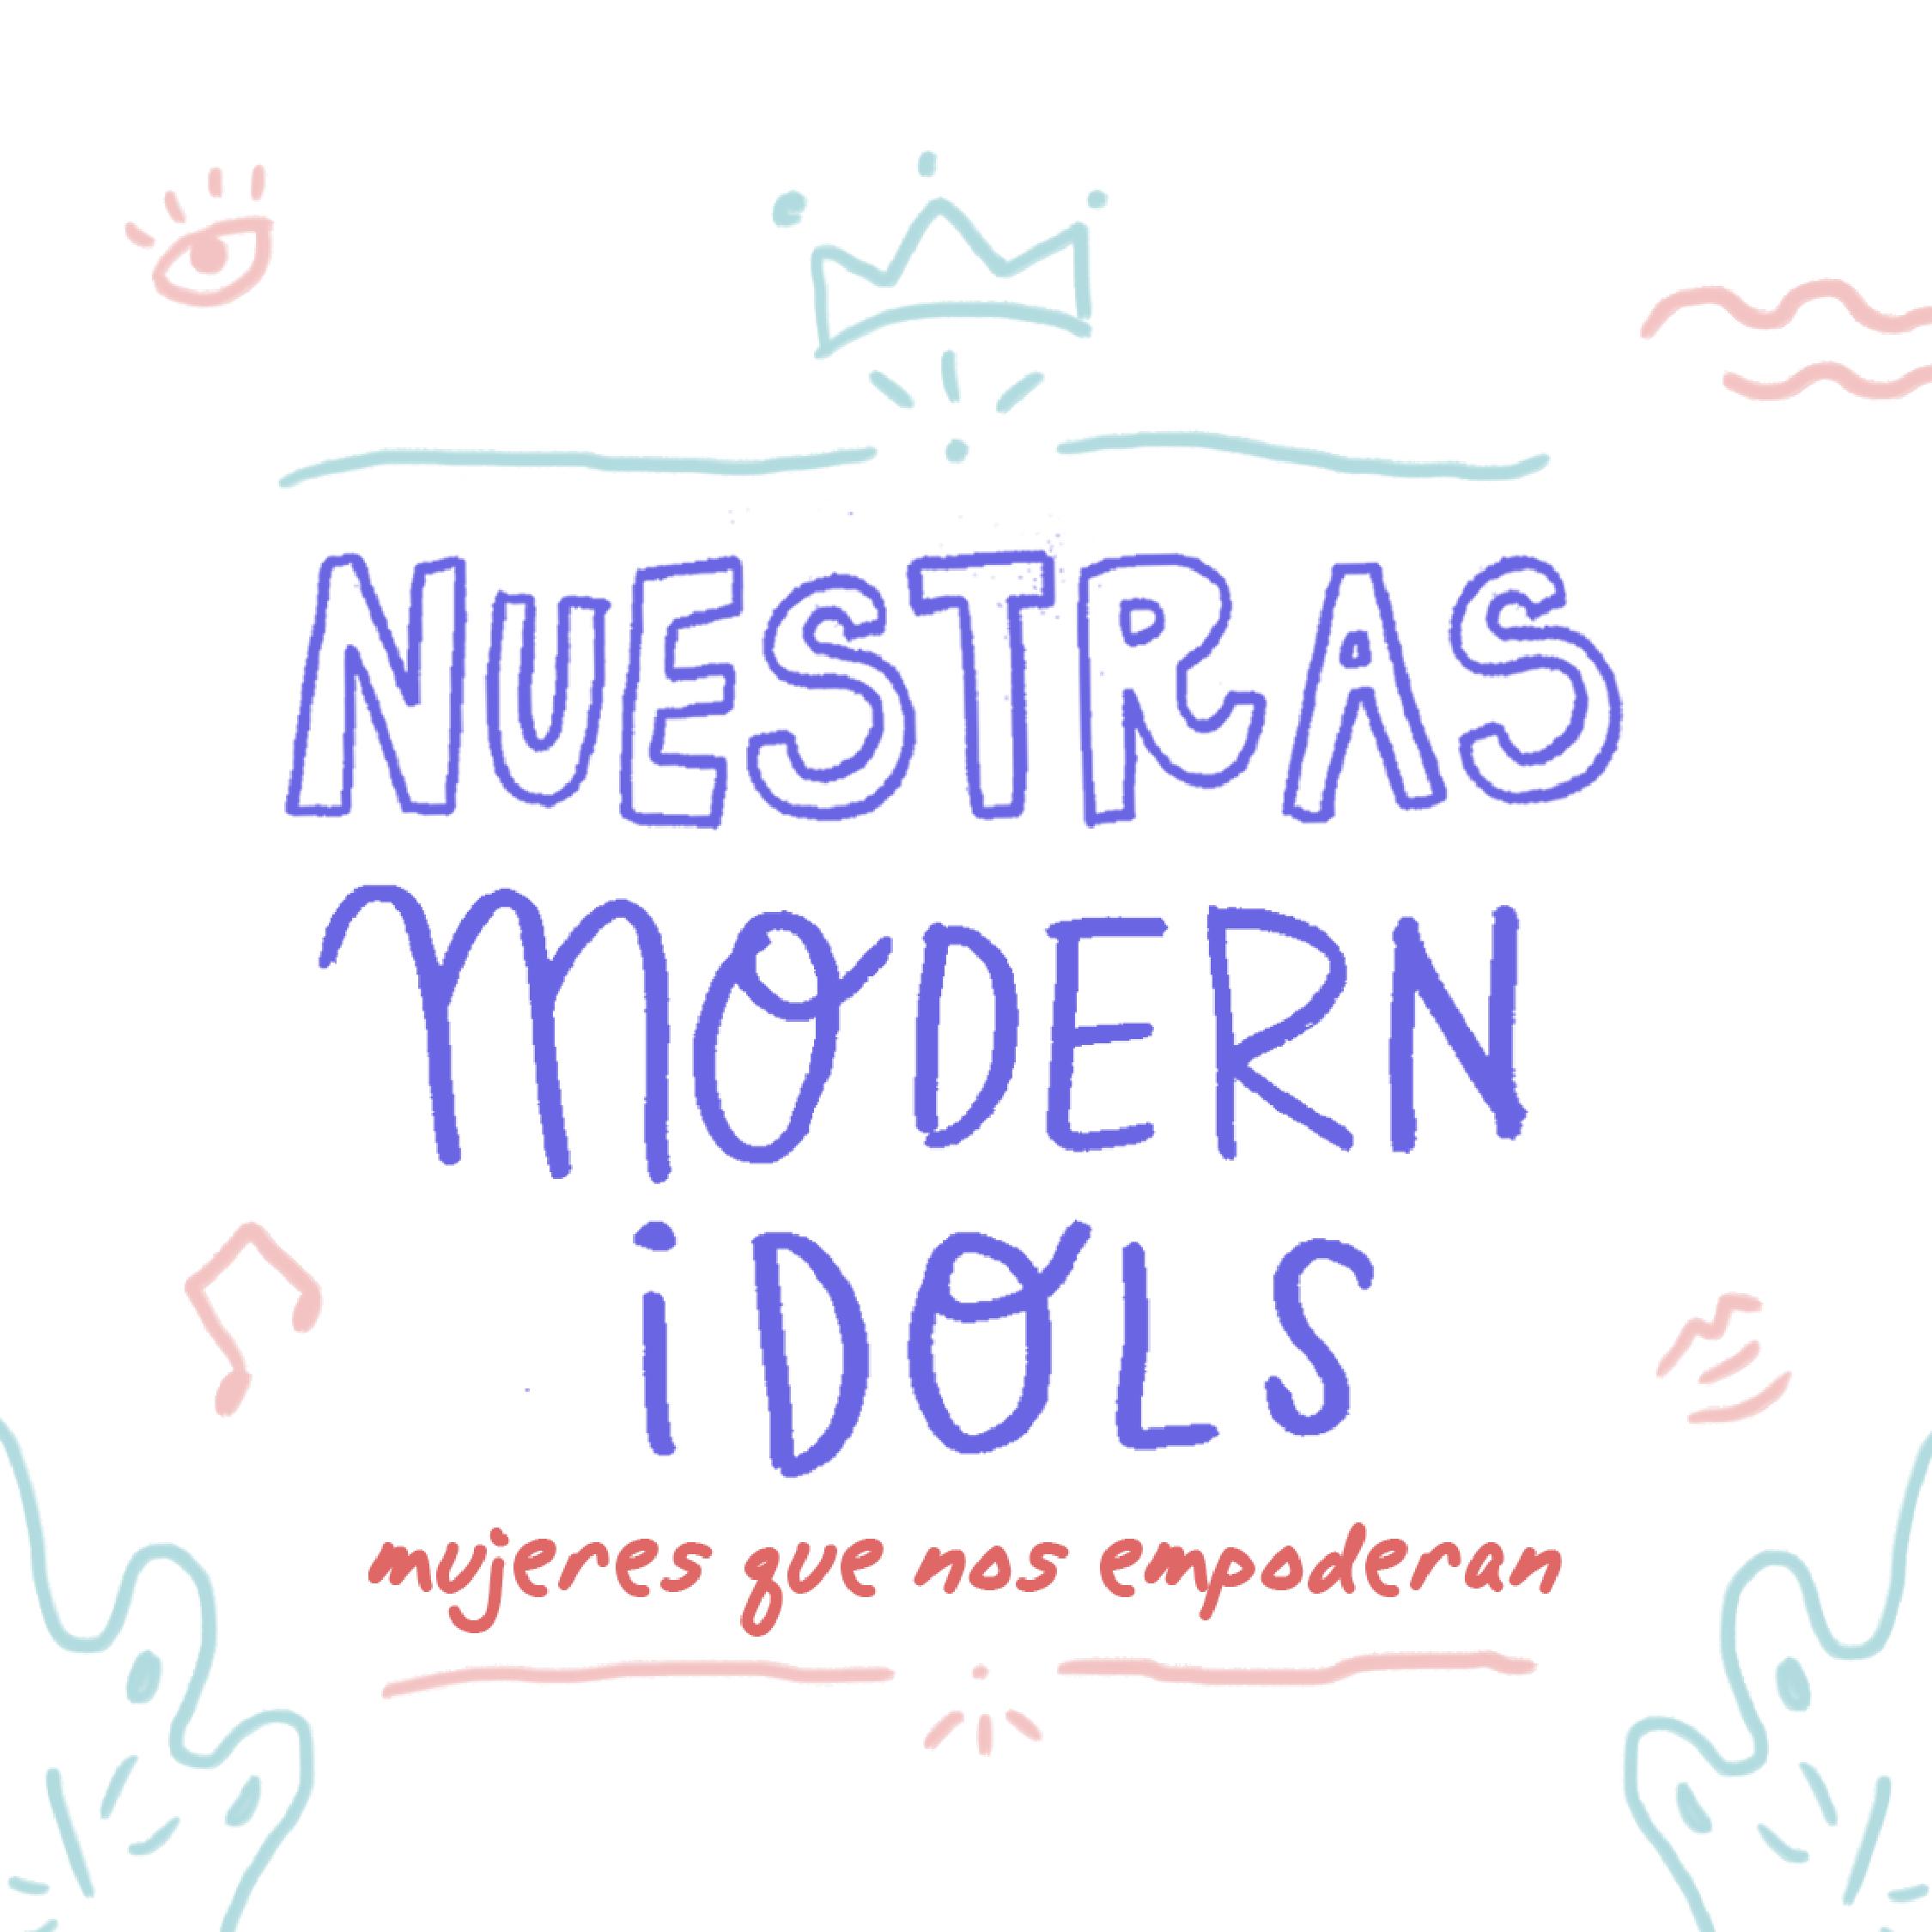 Nuestras modern idols